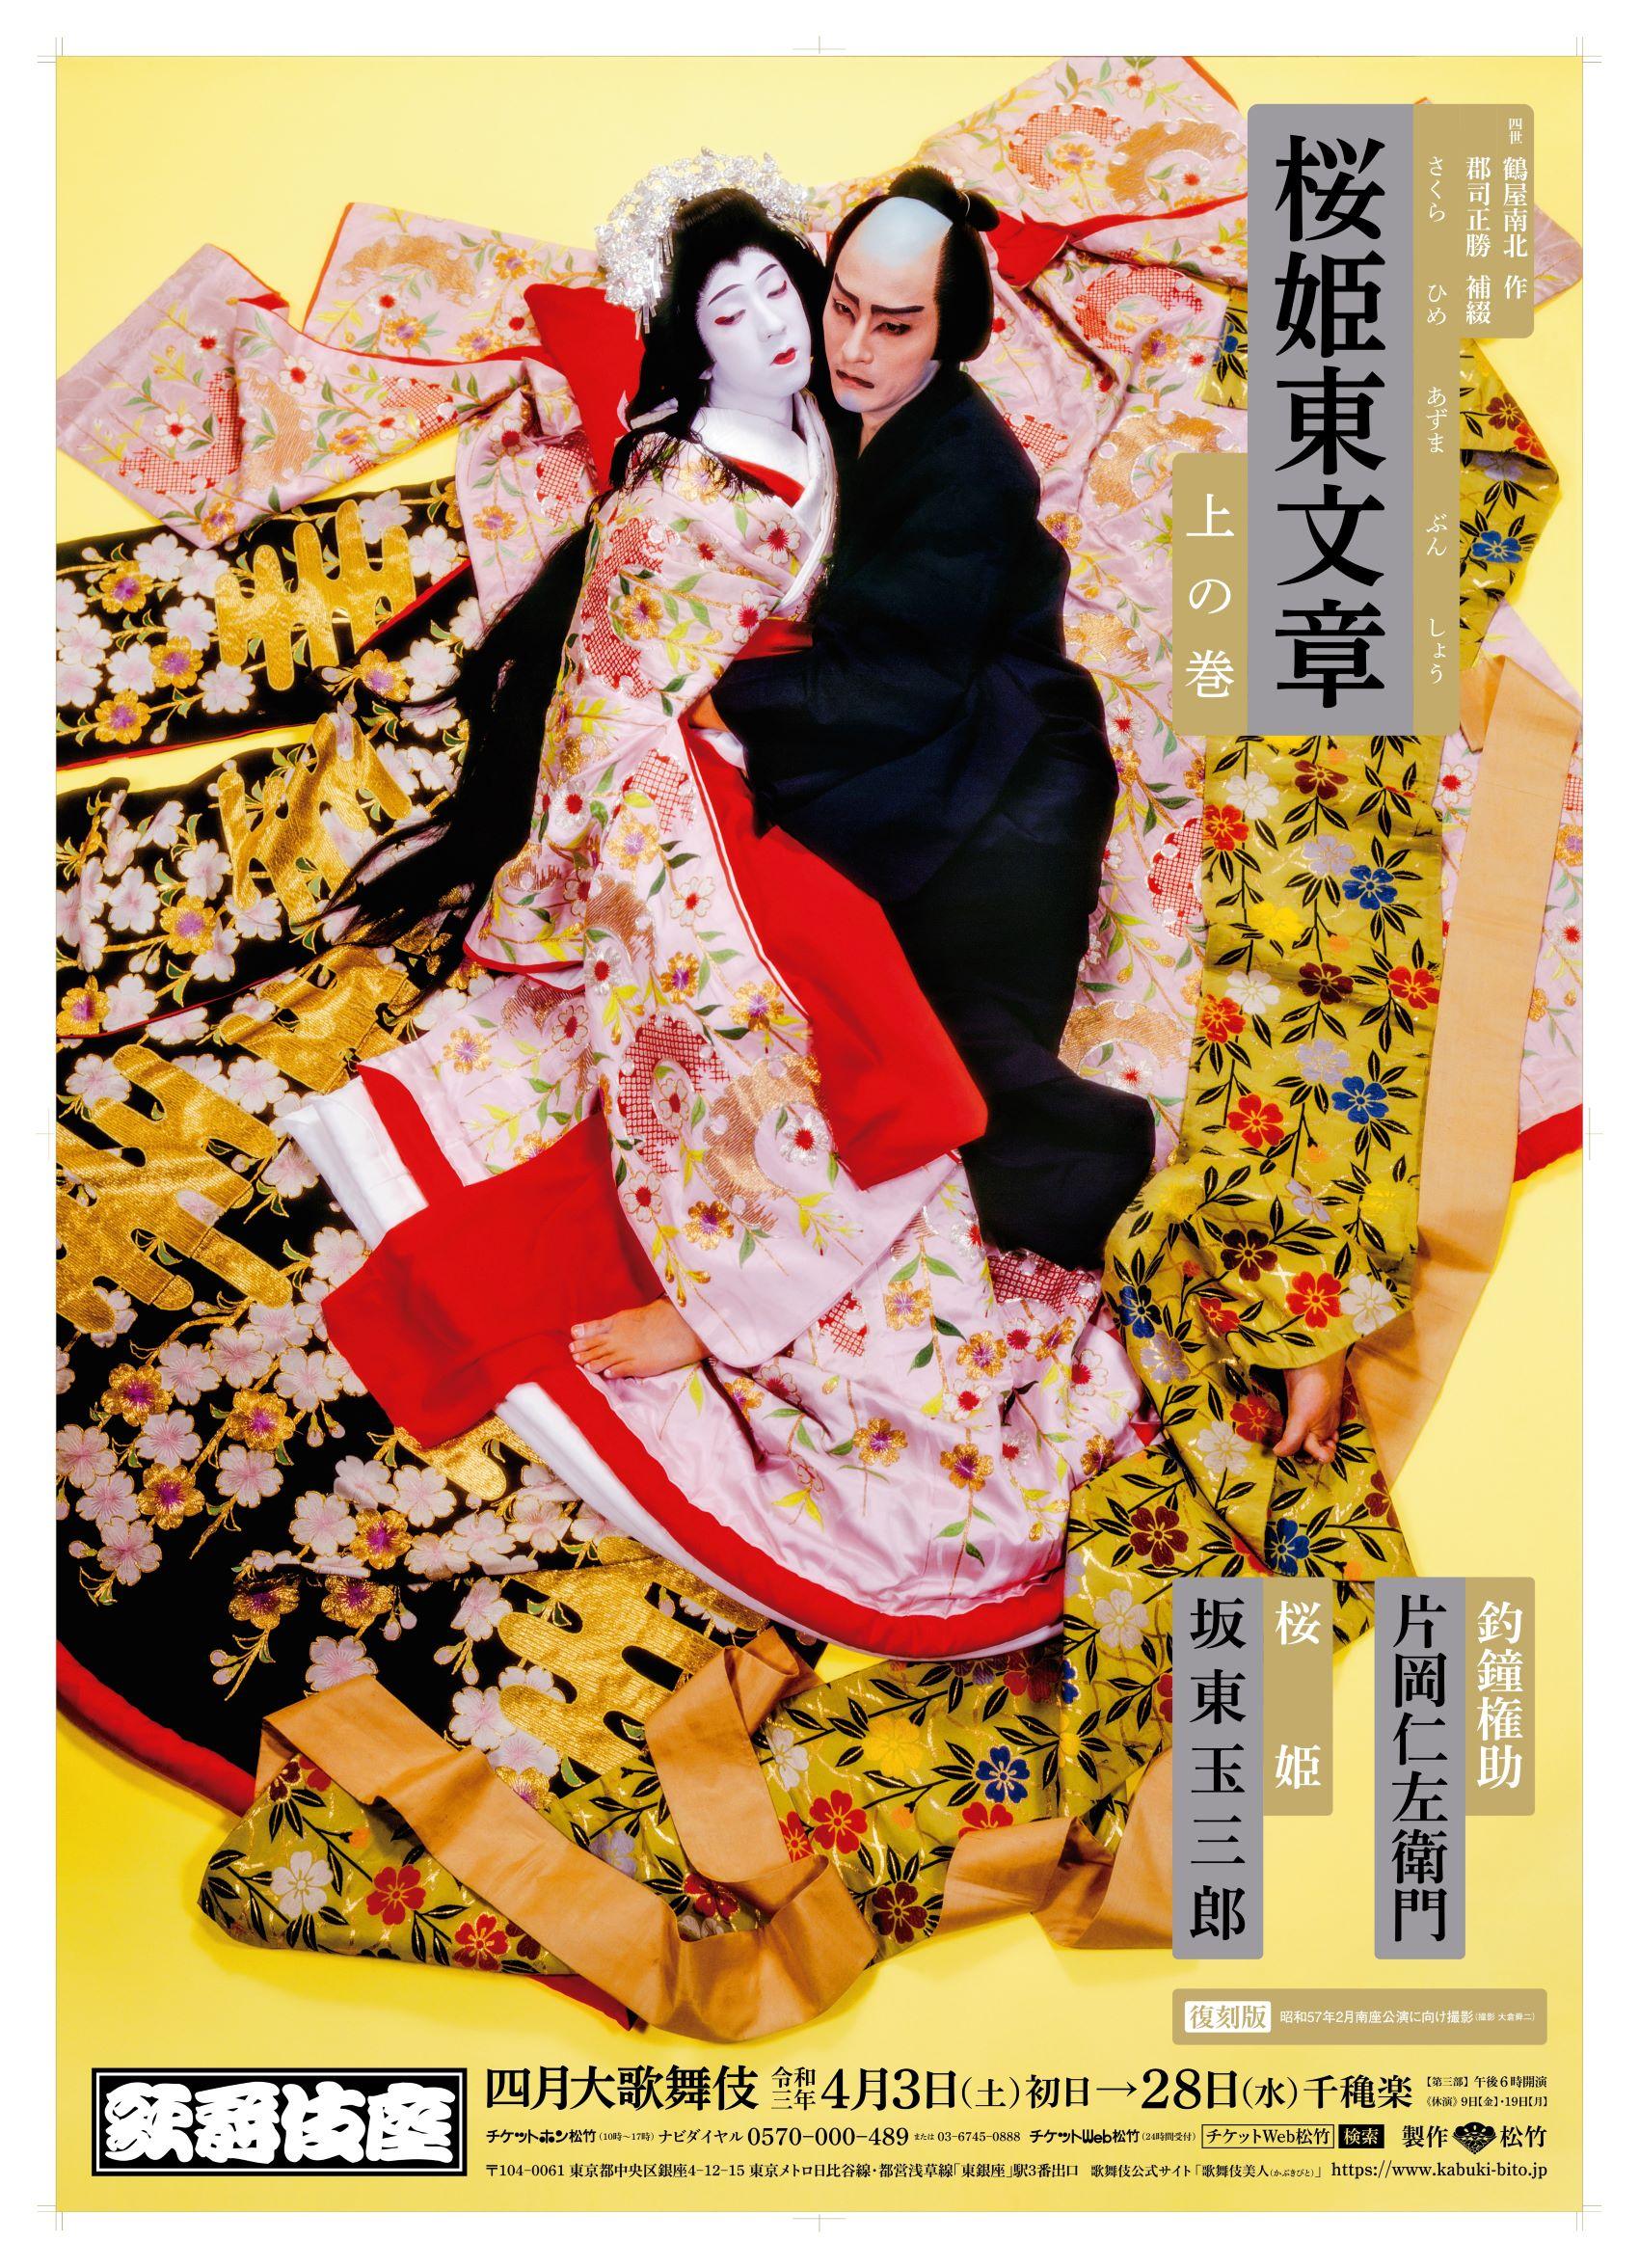 四月大歌舞伎<br>特別ポスター「桜姫東文章」